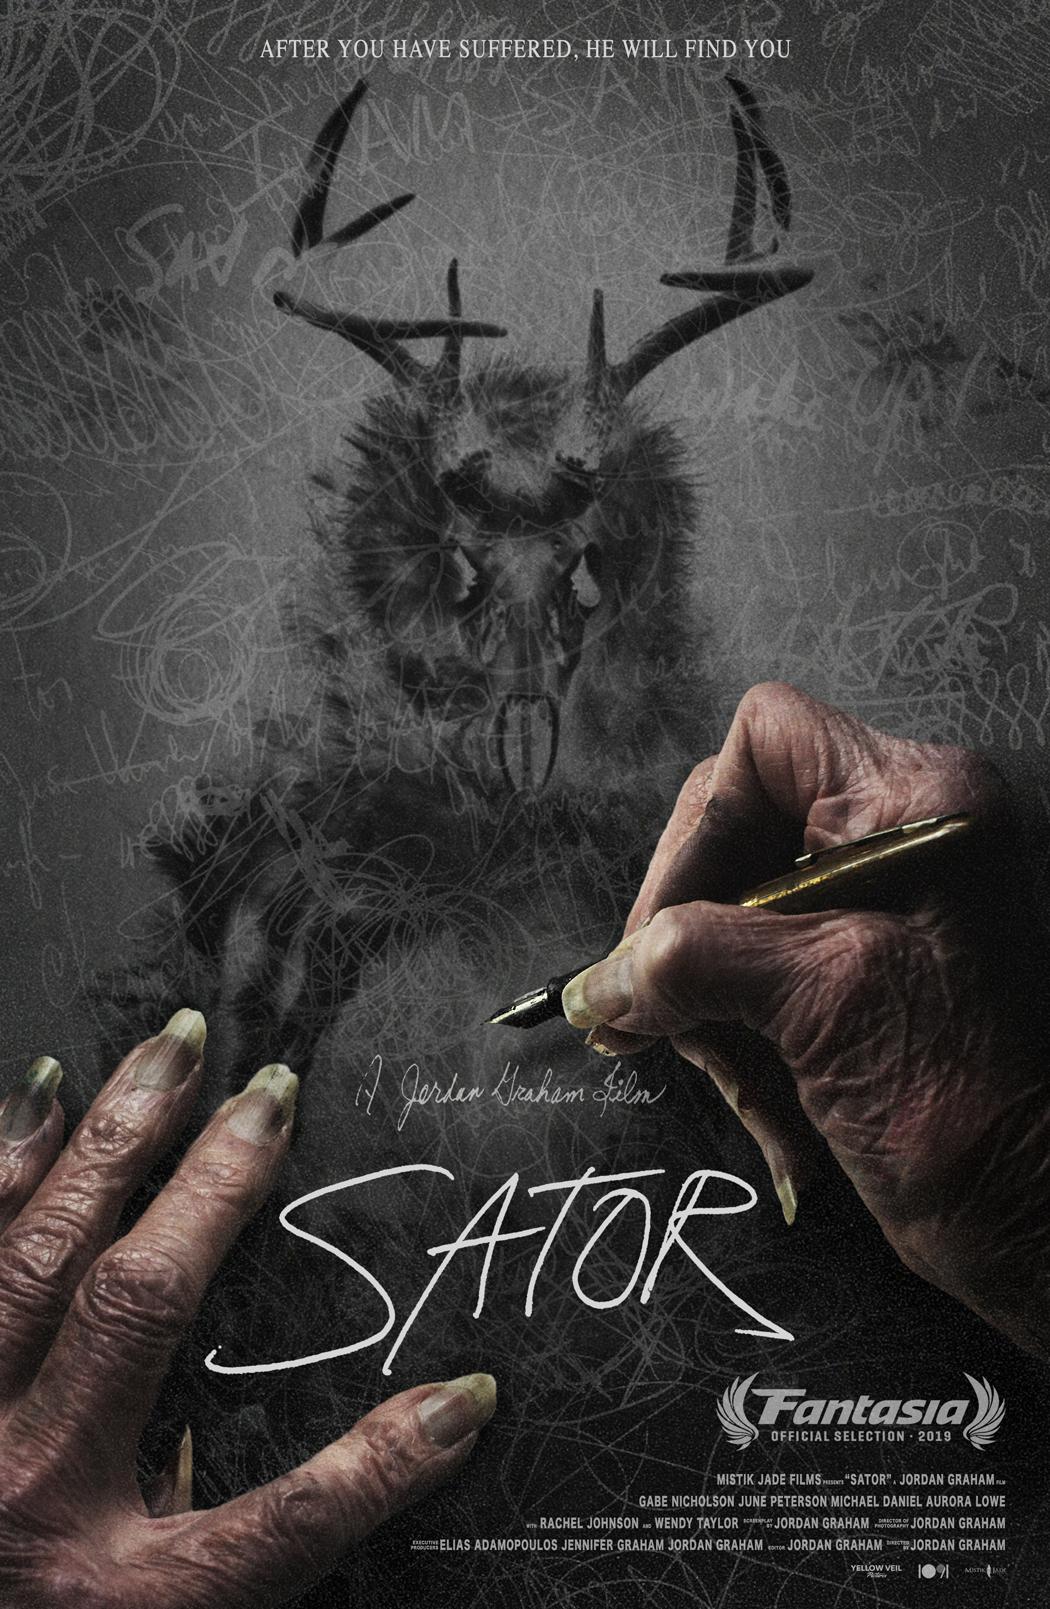 Sator Poster Deliver